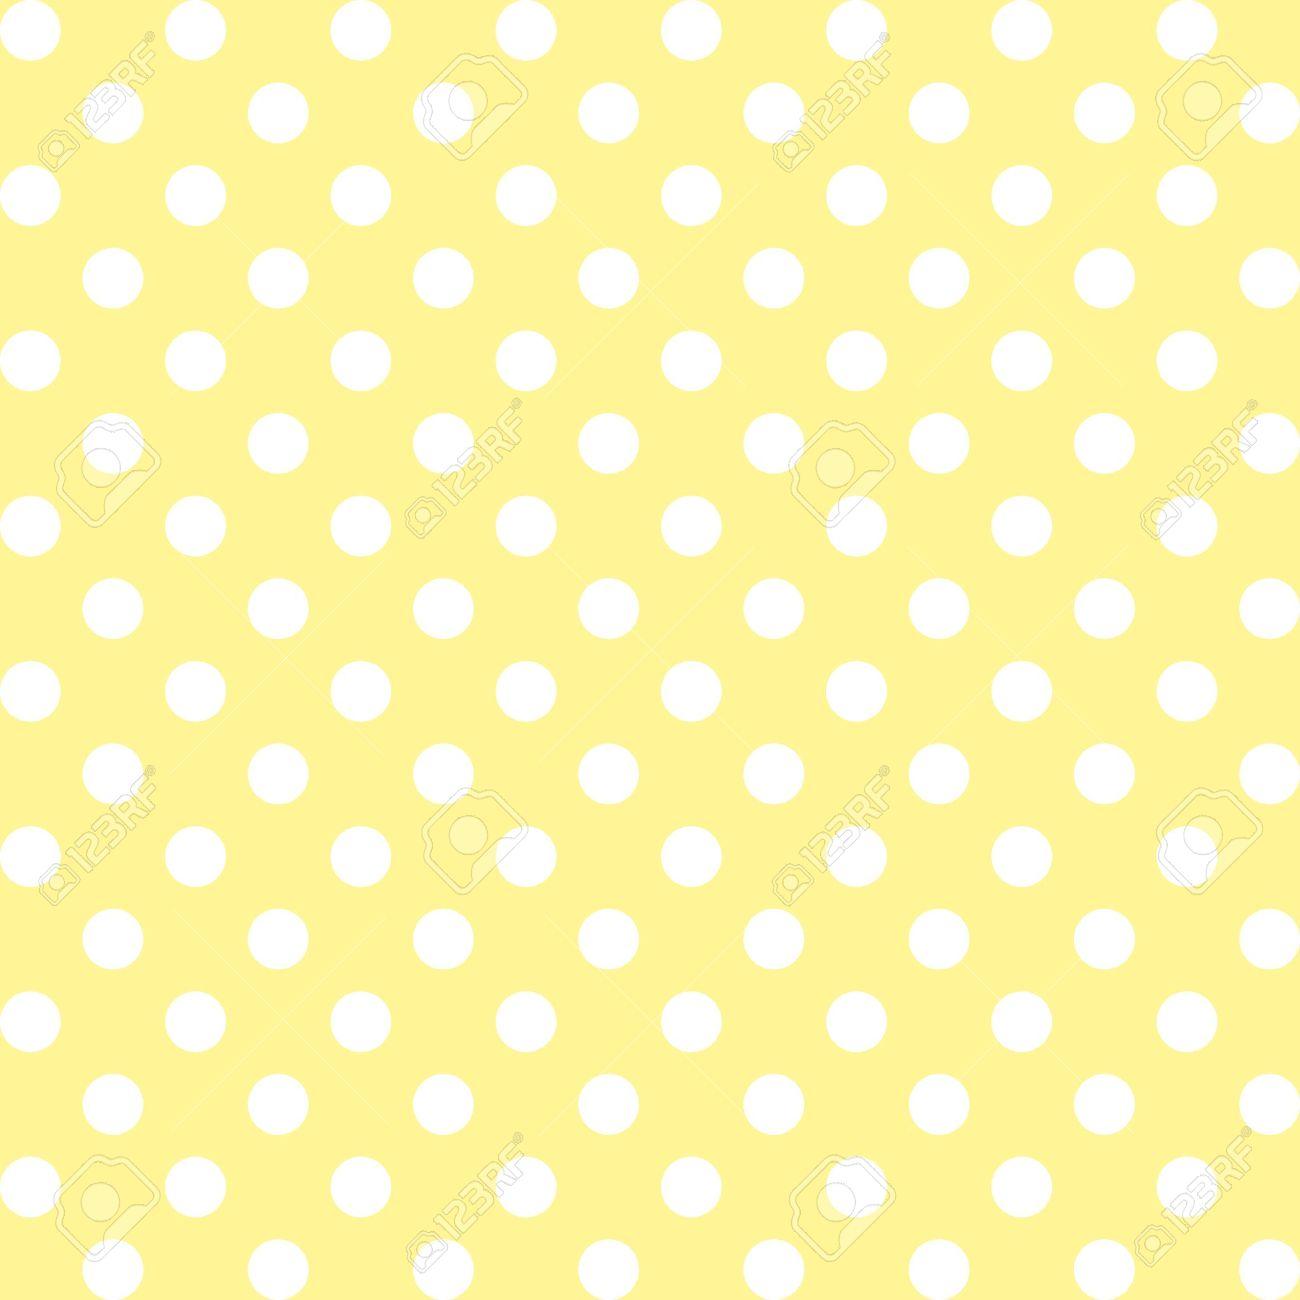 Patrn sin fisuras grandes lunares blancos fondo amarillo pastel foto de archivo patrn sin fisuras grandes lunares blancos fondo amarillo pastel incluye muestra de motivo a la perfeccin que llenar cualquier forma altavistaventures Choice Image